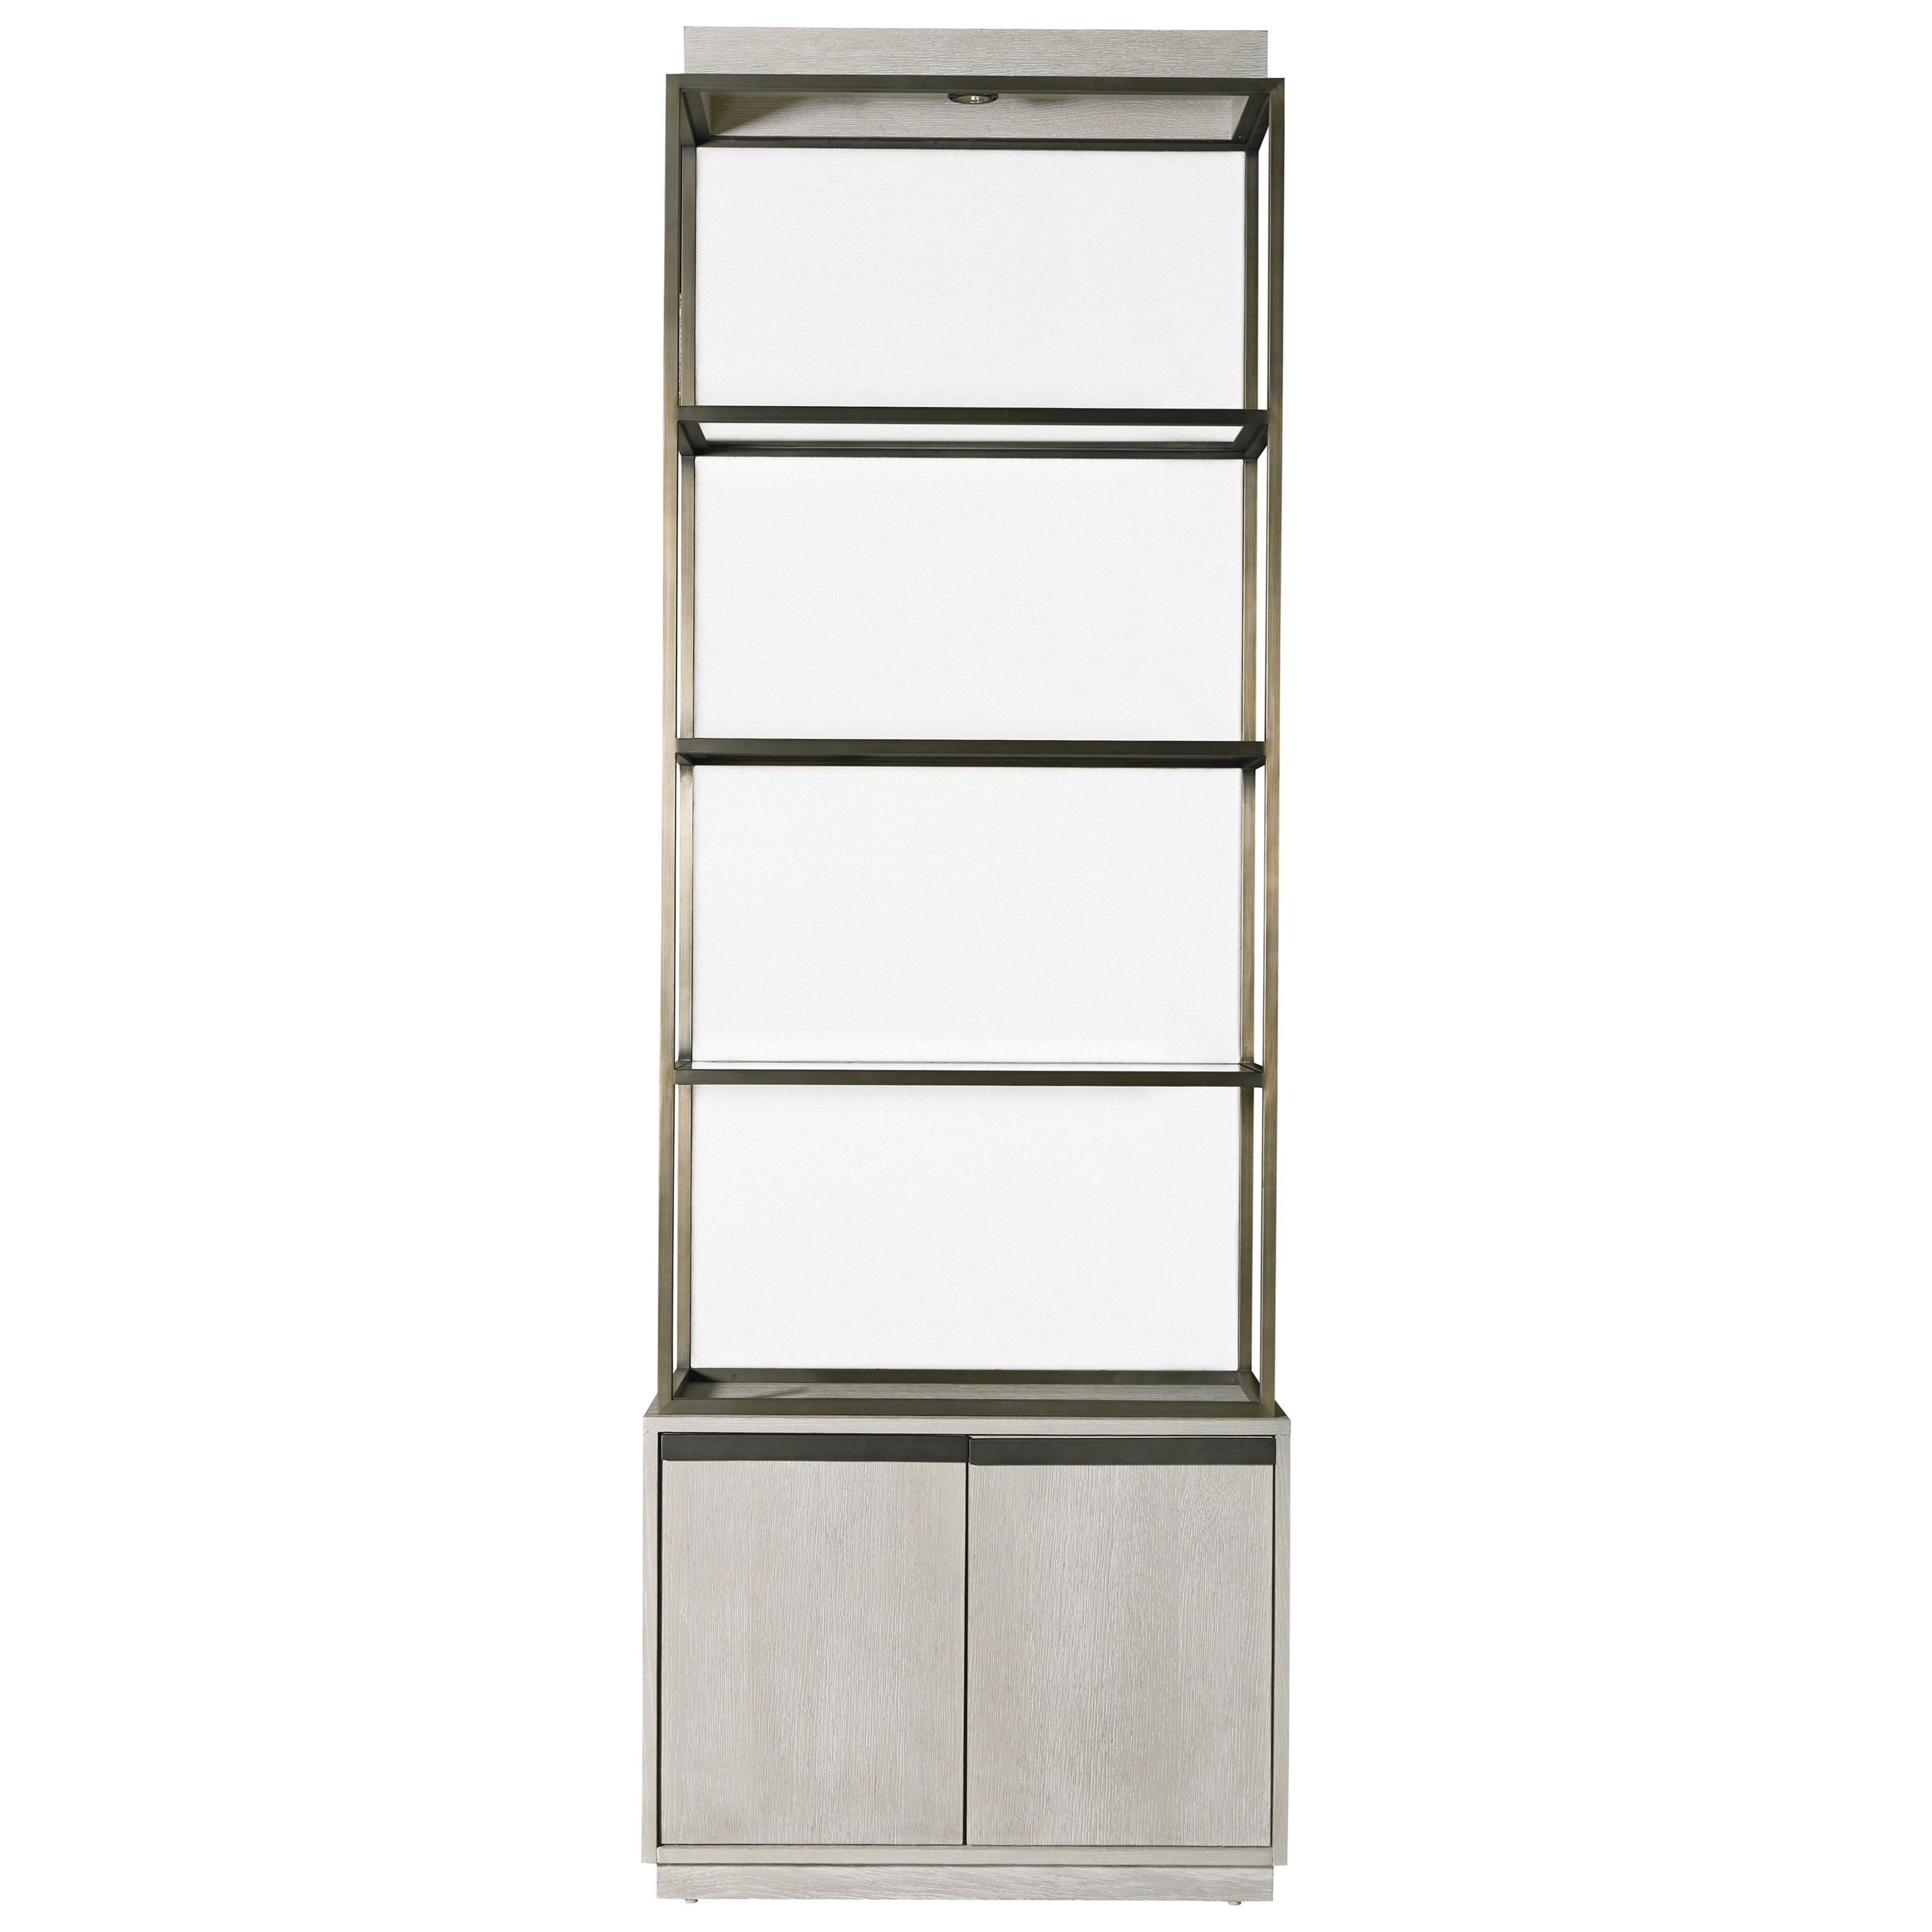 universal modern bronze garland etagere reeds furniture. Black Bedroom Furniture Sets. Home Design Ideas